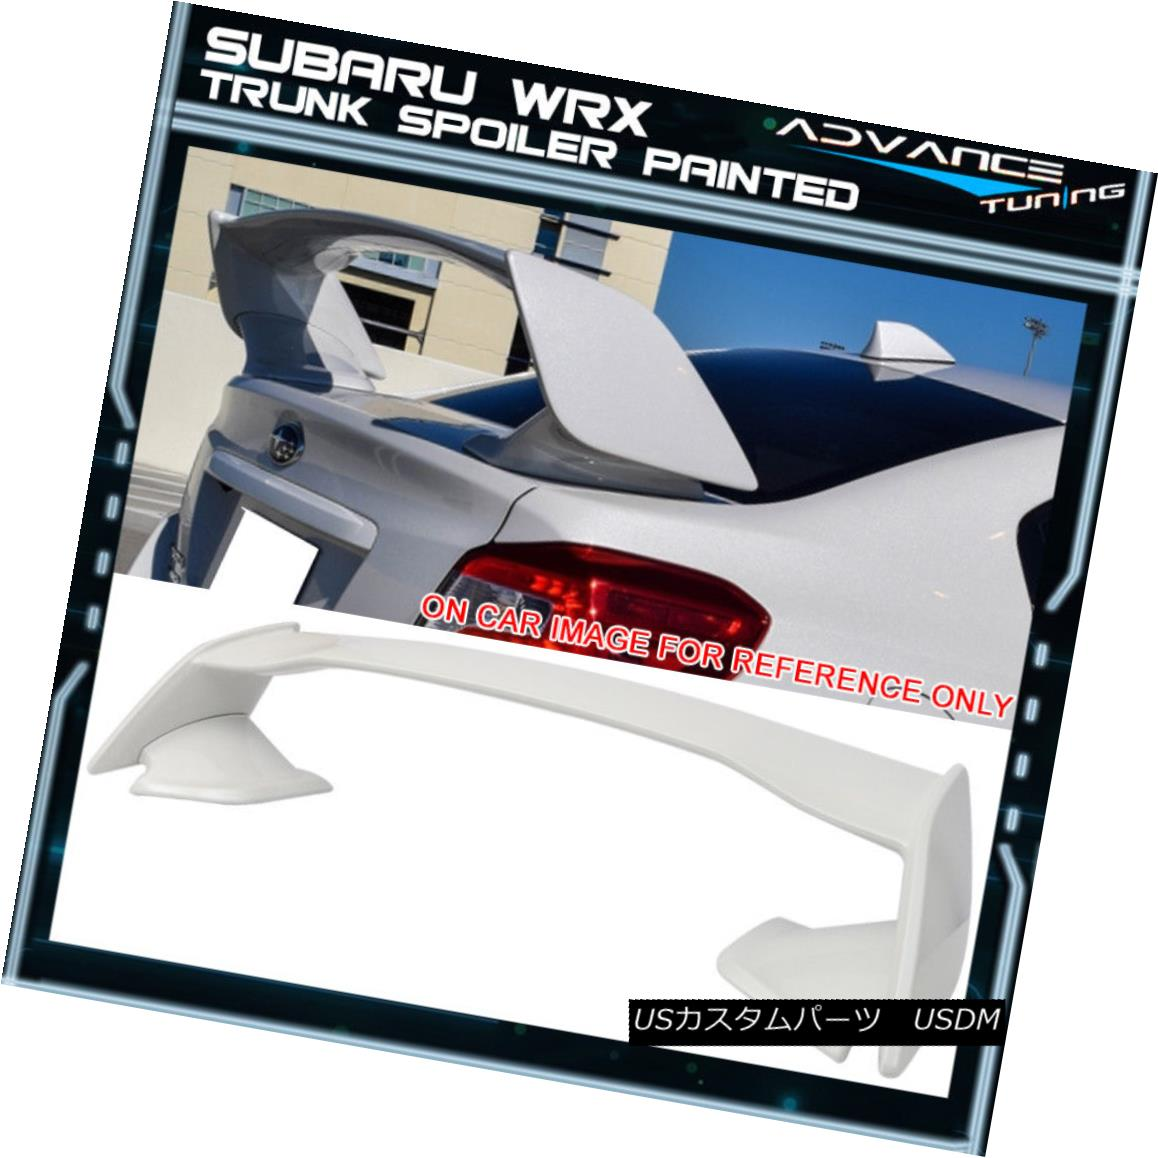 エアロパーツ Fits 15-18 Subaru WRX STI Style ABS Trunk Spoiler Painted #37J Satin White Pearl フィット15-18スバルWRX STIスタイルABSトランクスポイラー#37Jサテンホワイトパール